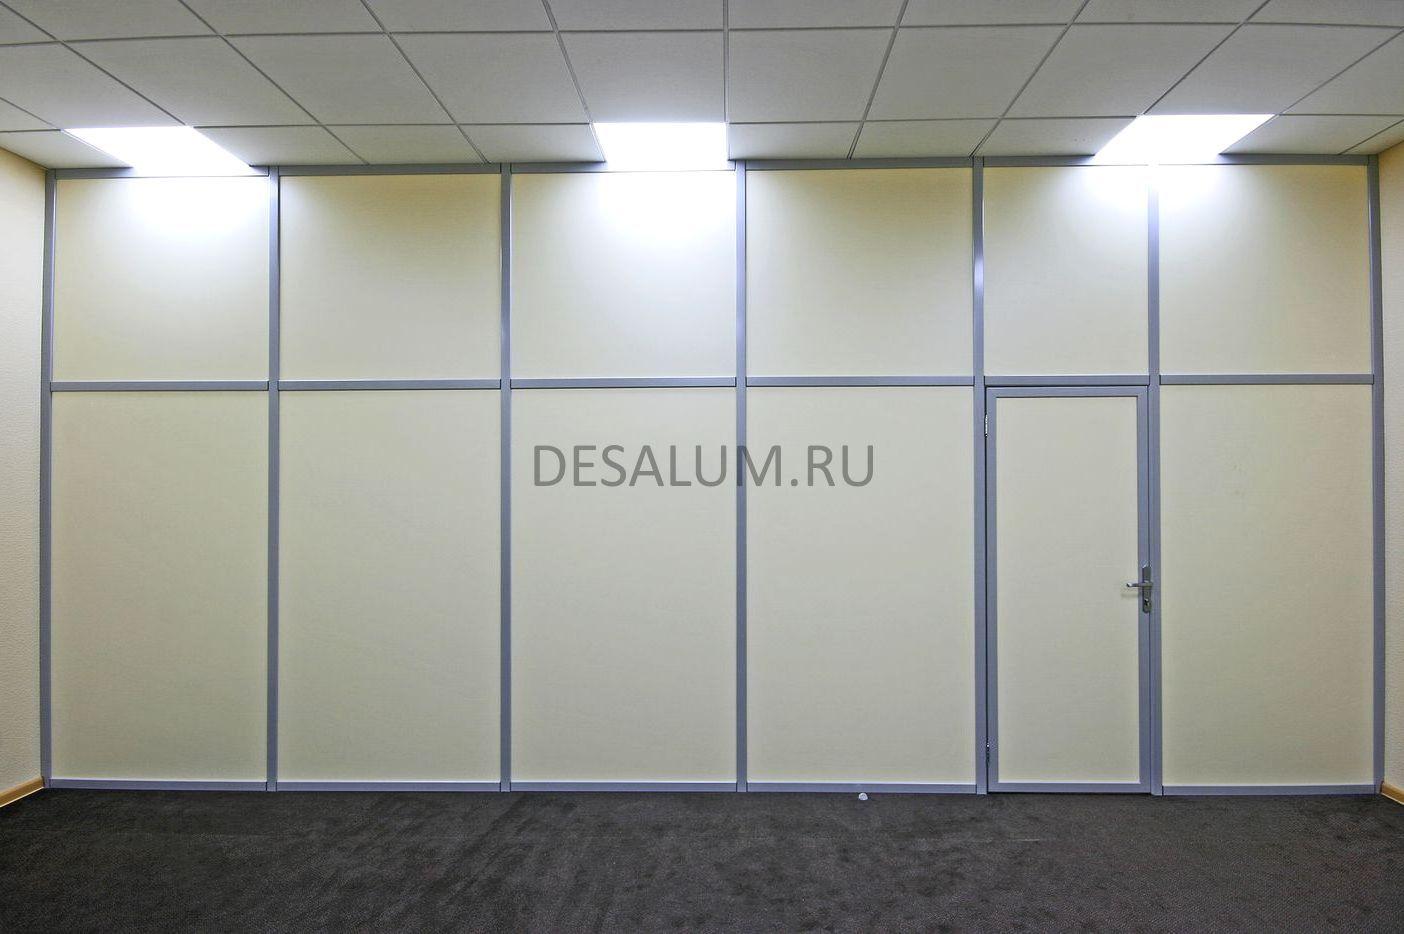 Глухие офисные перегородки desalum